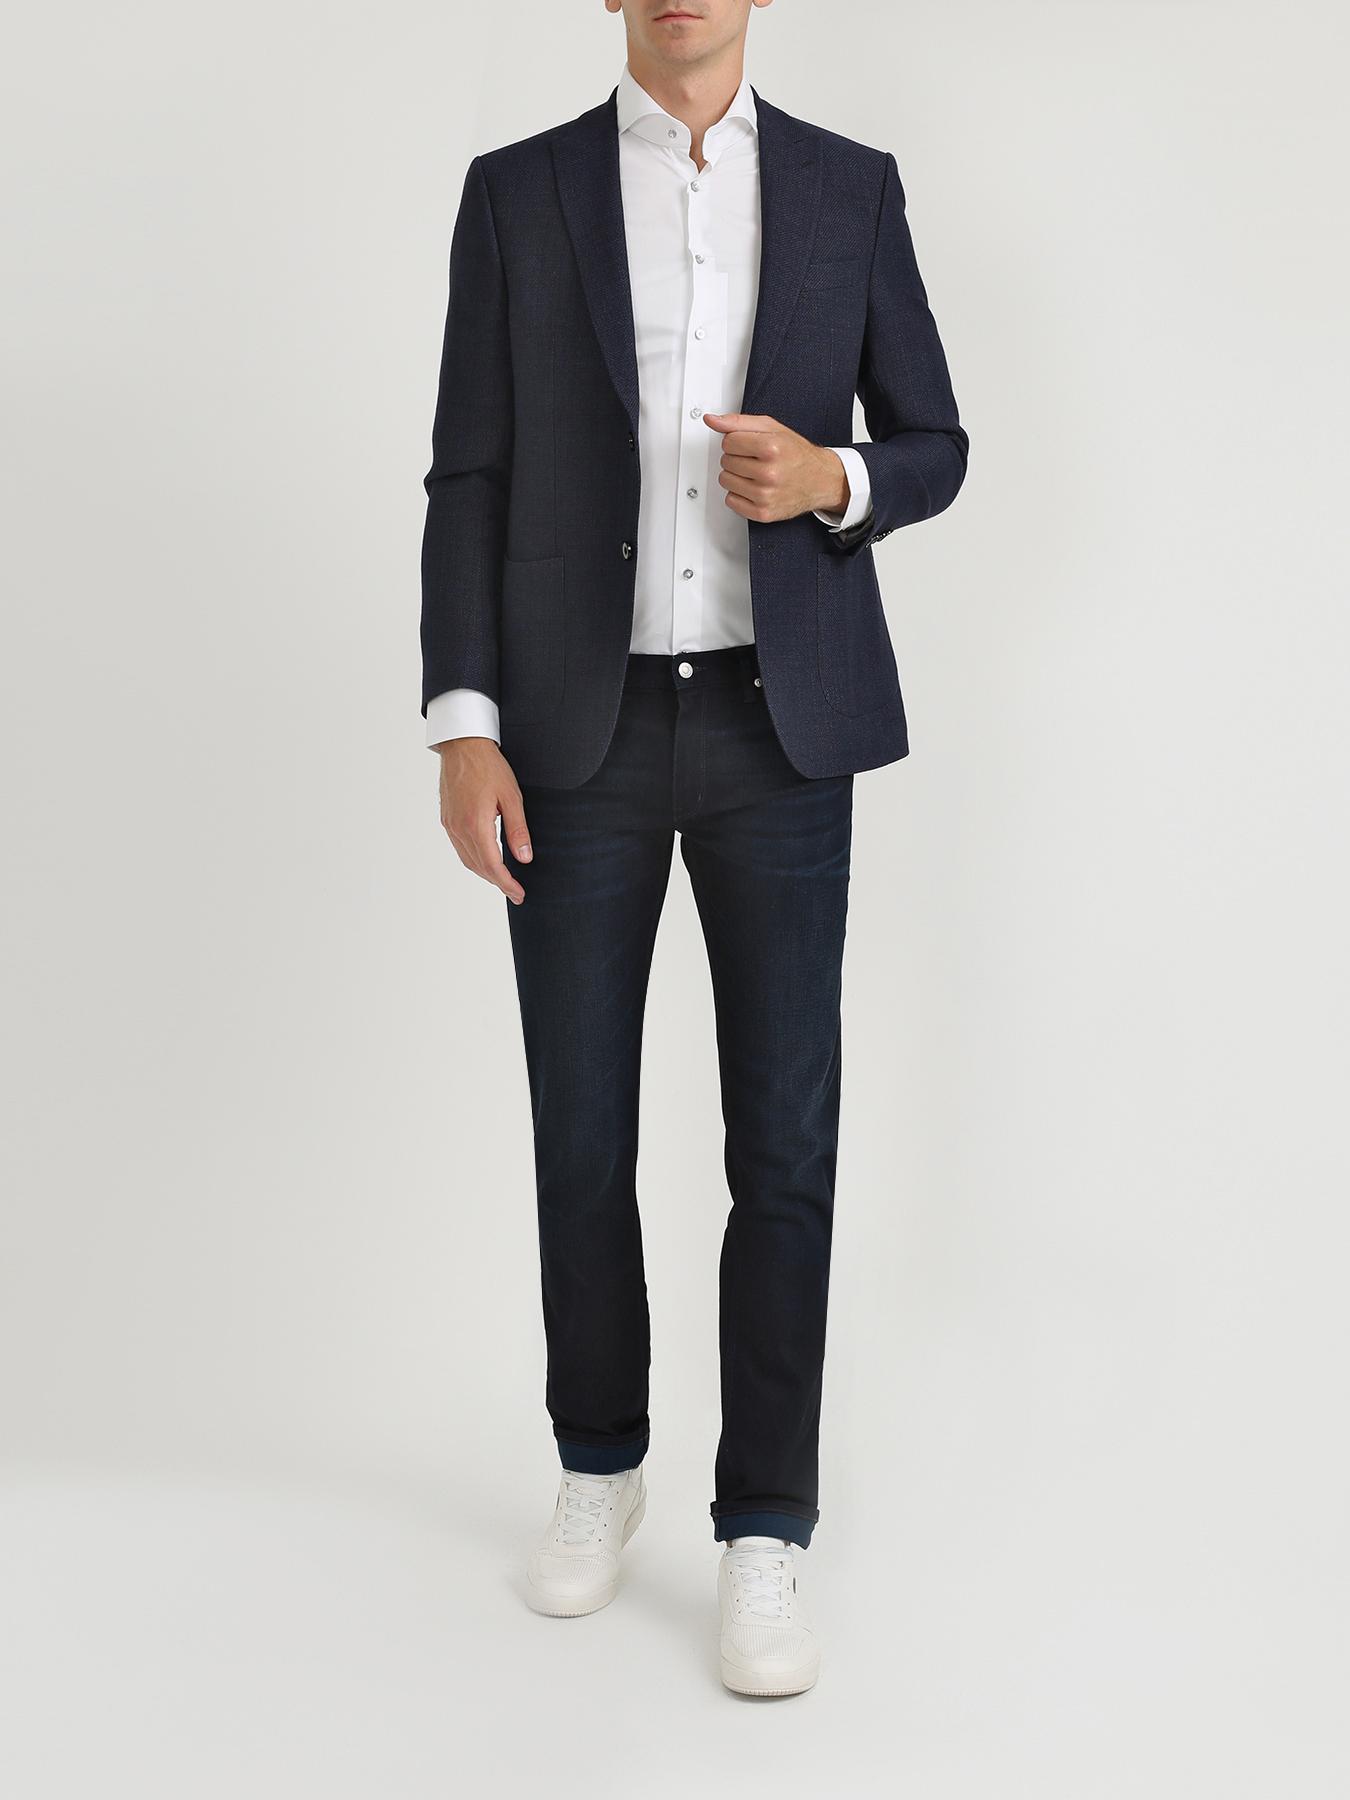 Рубашка Korpo Рубашка с итальянским воротником